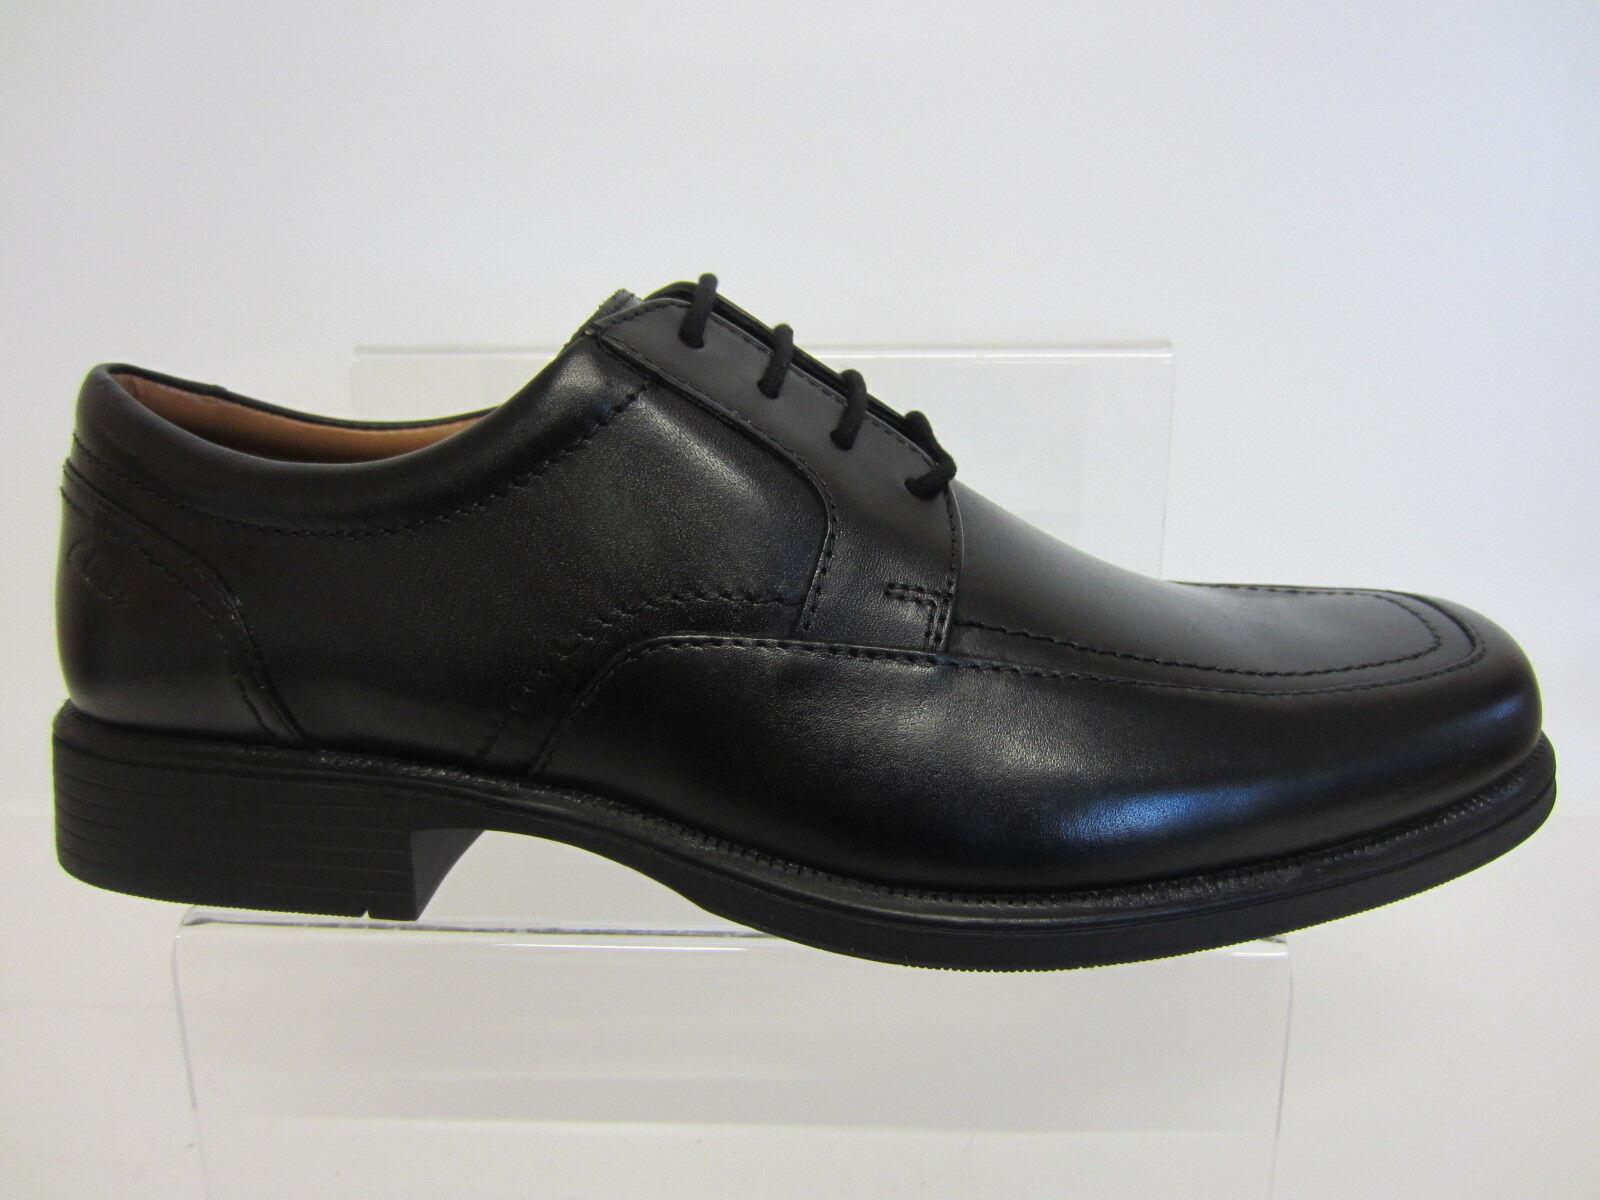 Clarks Hombre huckley Spring tallas Zapatos negros de piel tallas Spring 7 x 12 Ajuste G b53d9a